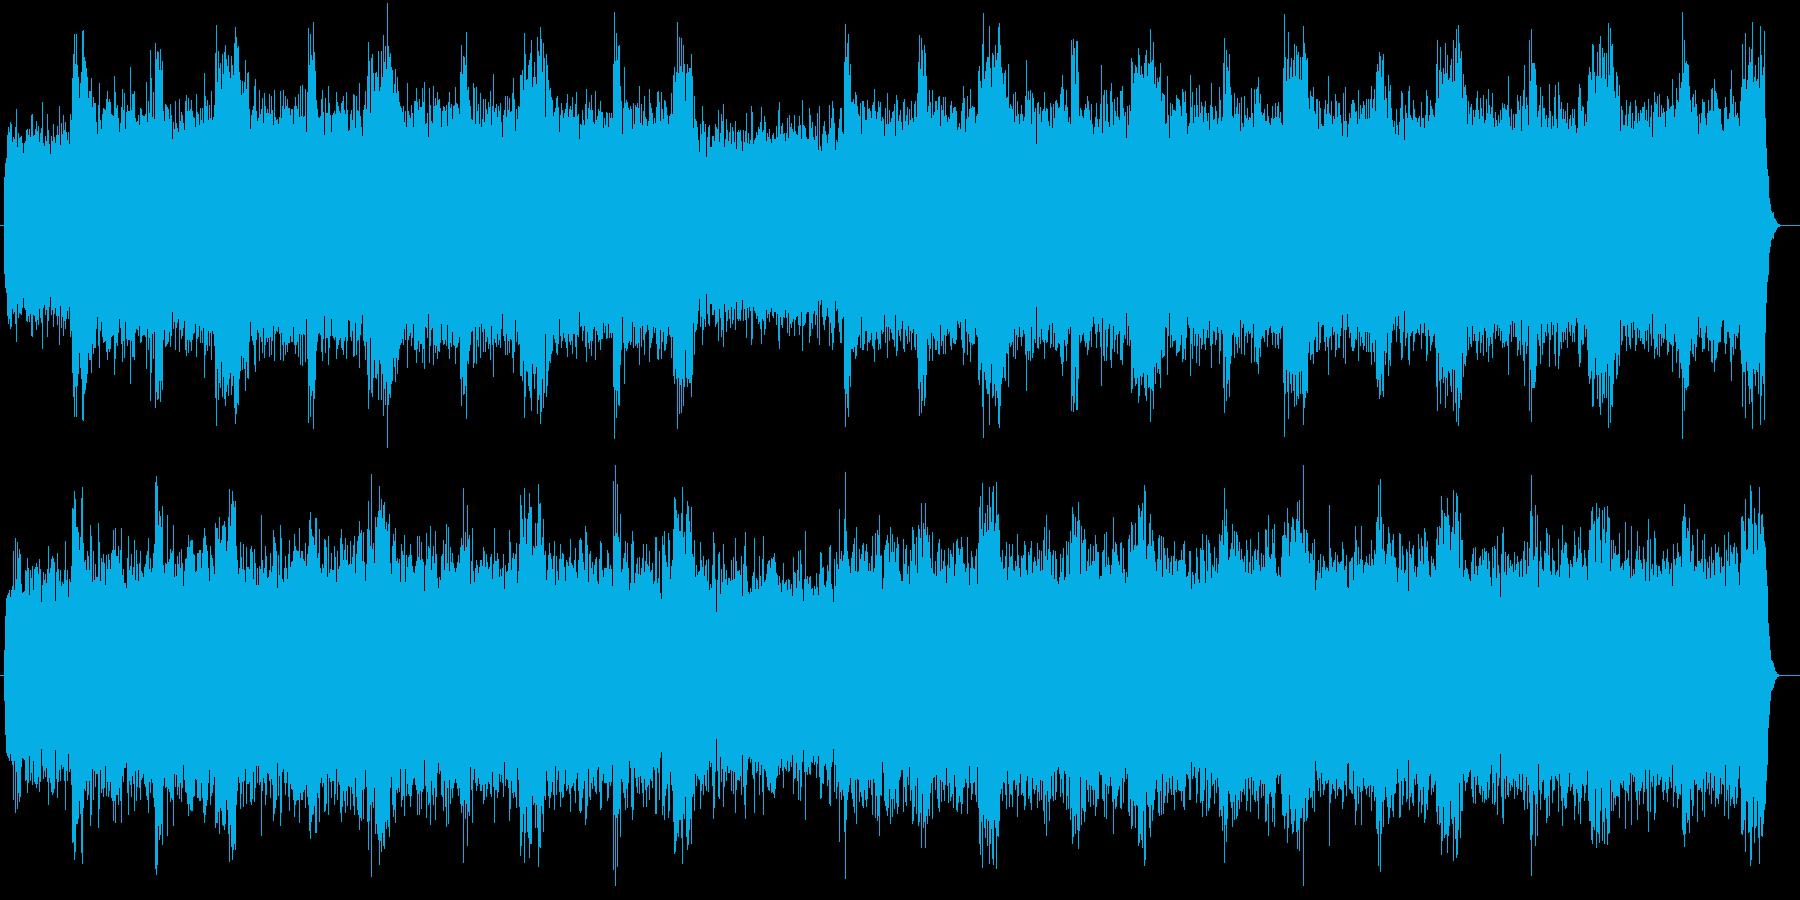 壮大な宇宙を感じるエレクトリックサウンドの再生済みの波形